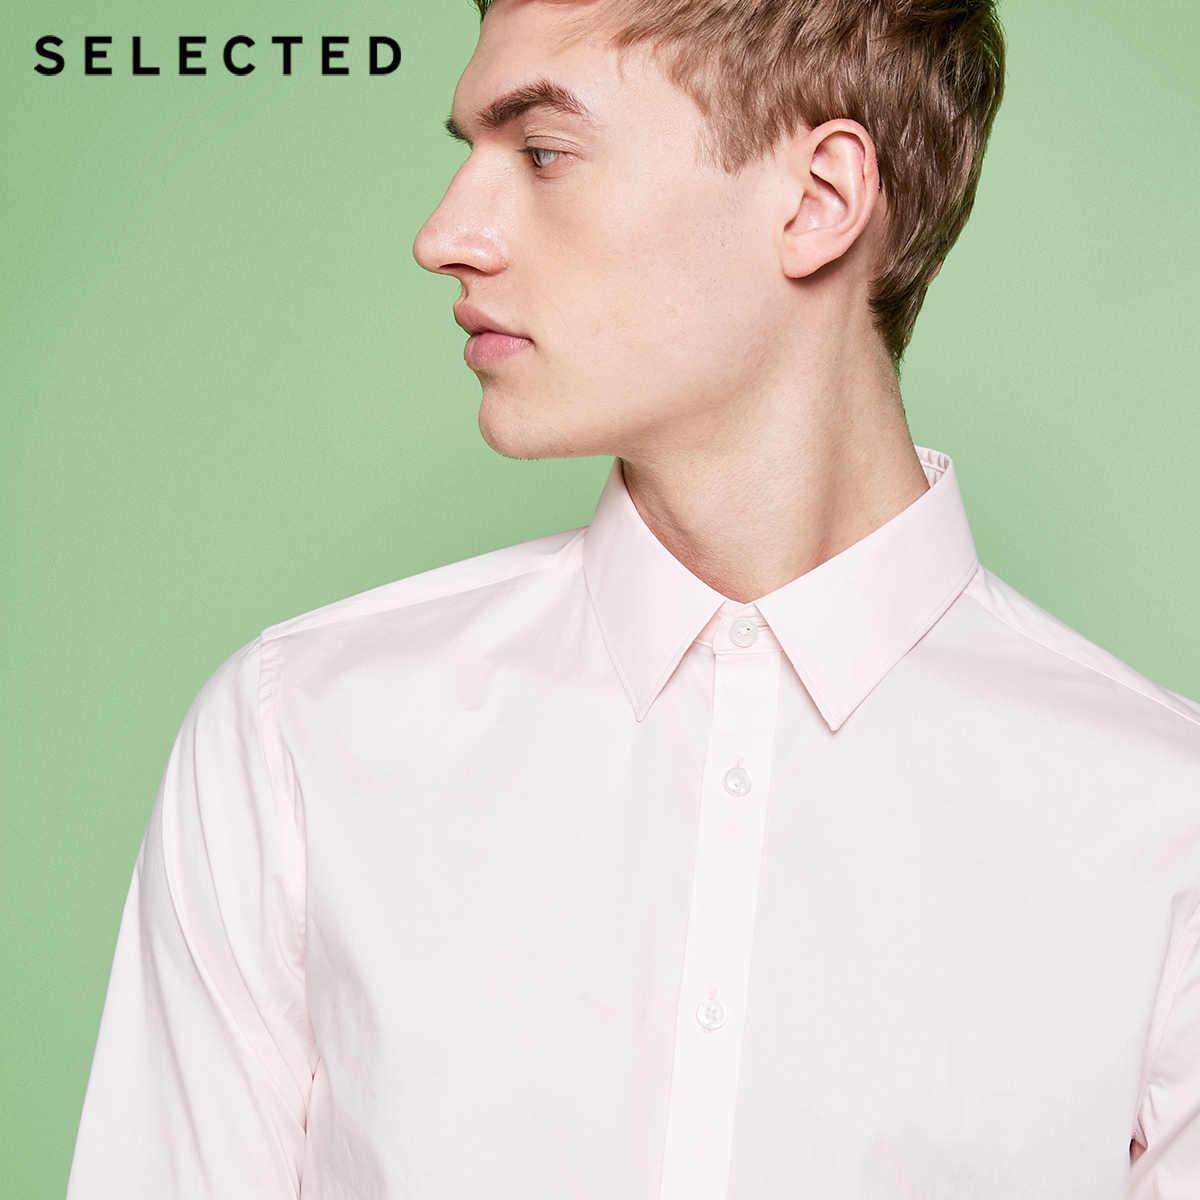 Мужская хлопковая футболка с длинными рукавами, с микро-эластичным воротником, 418205516